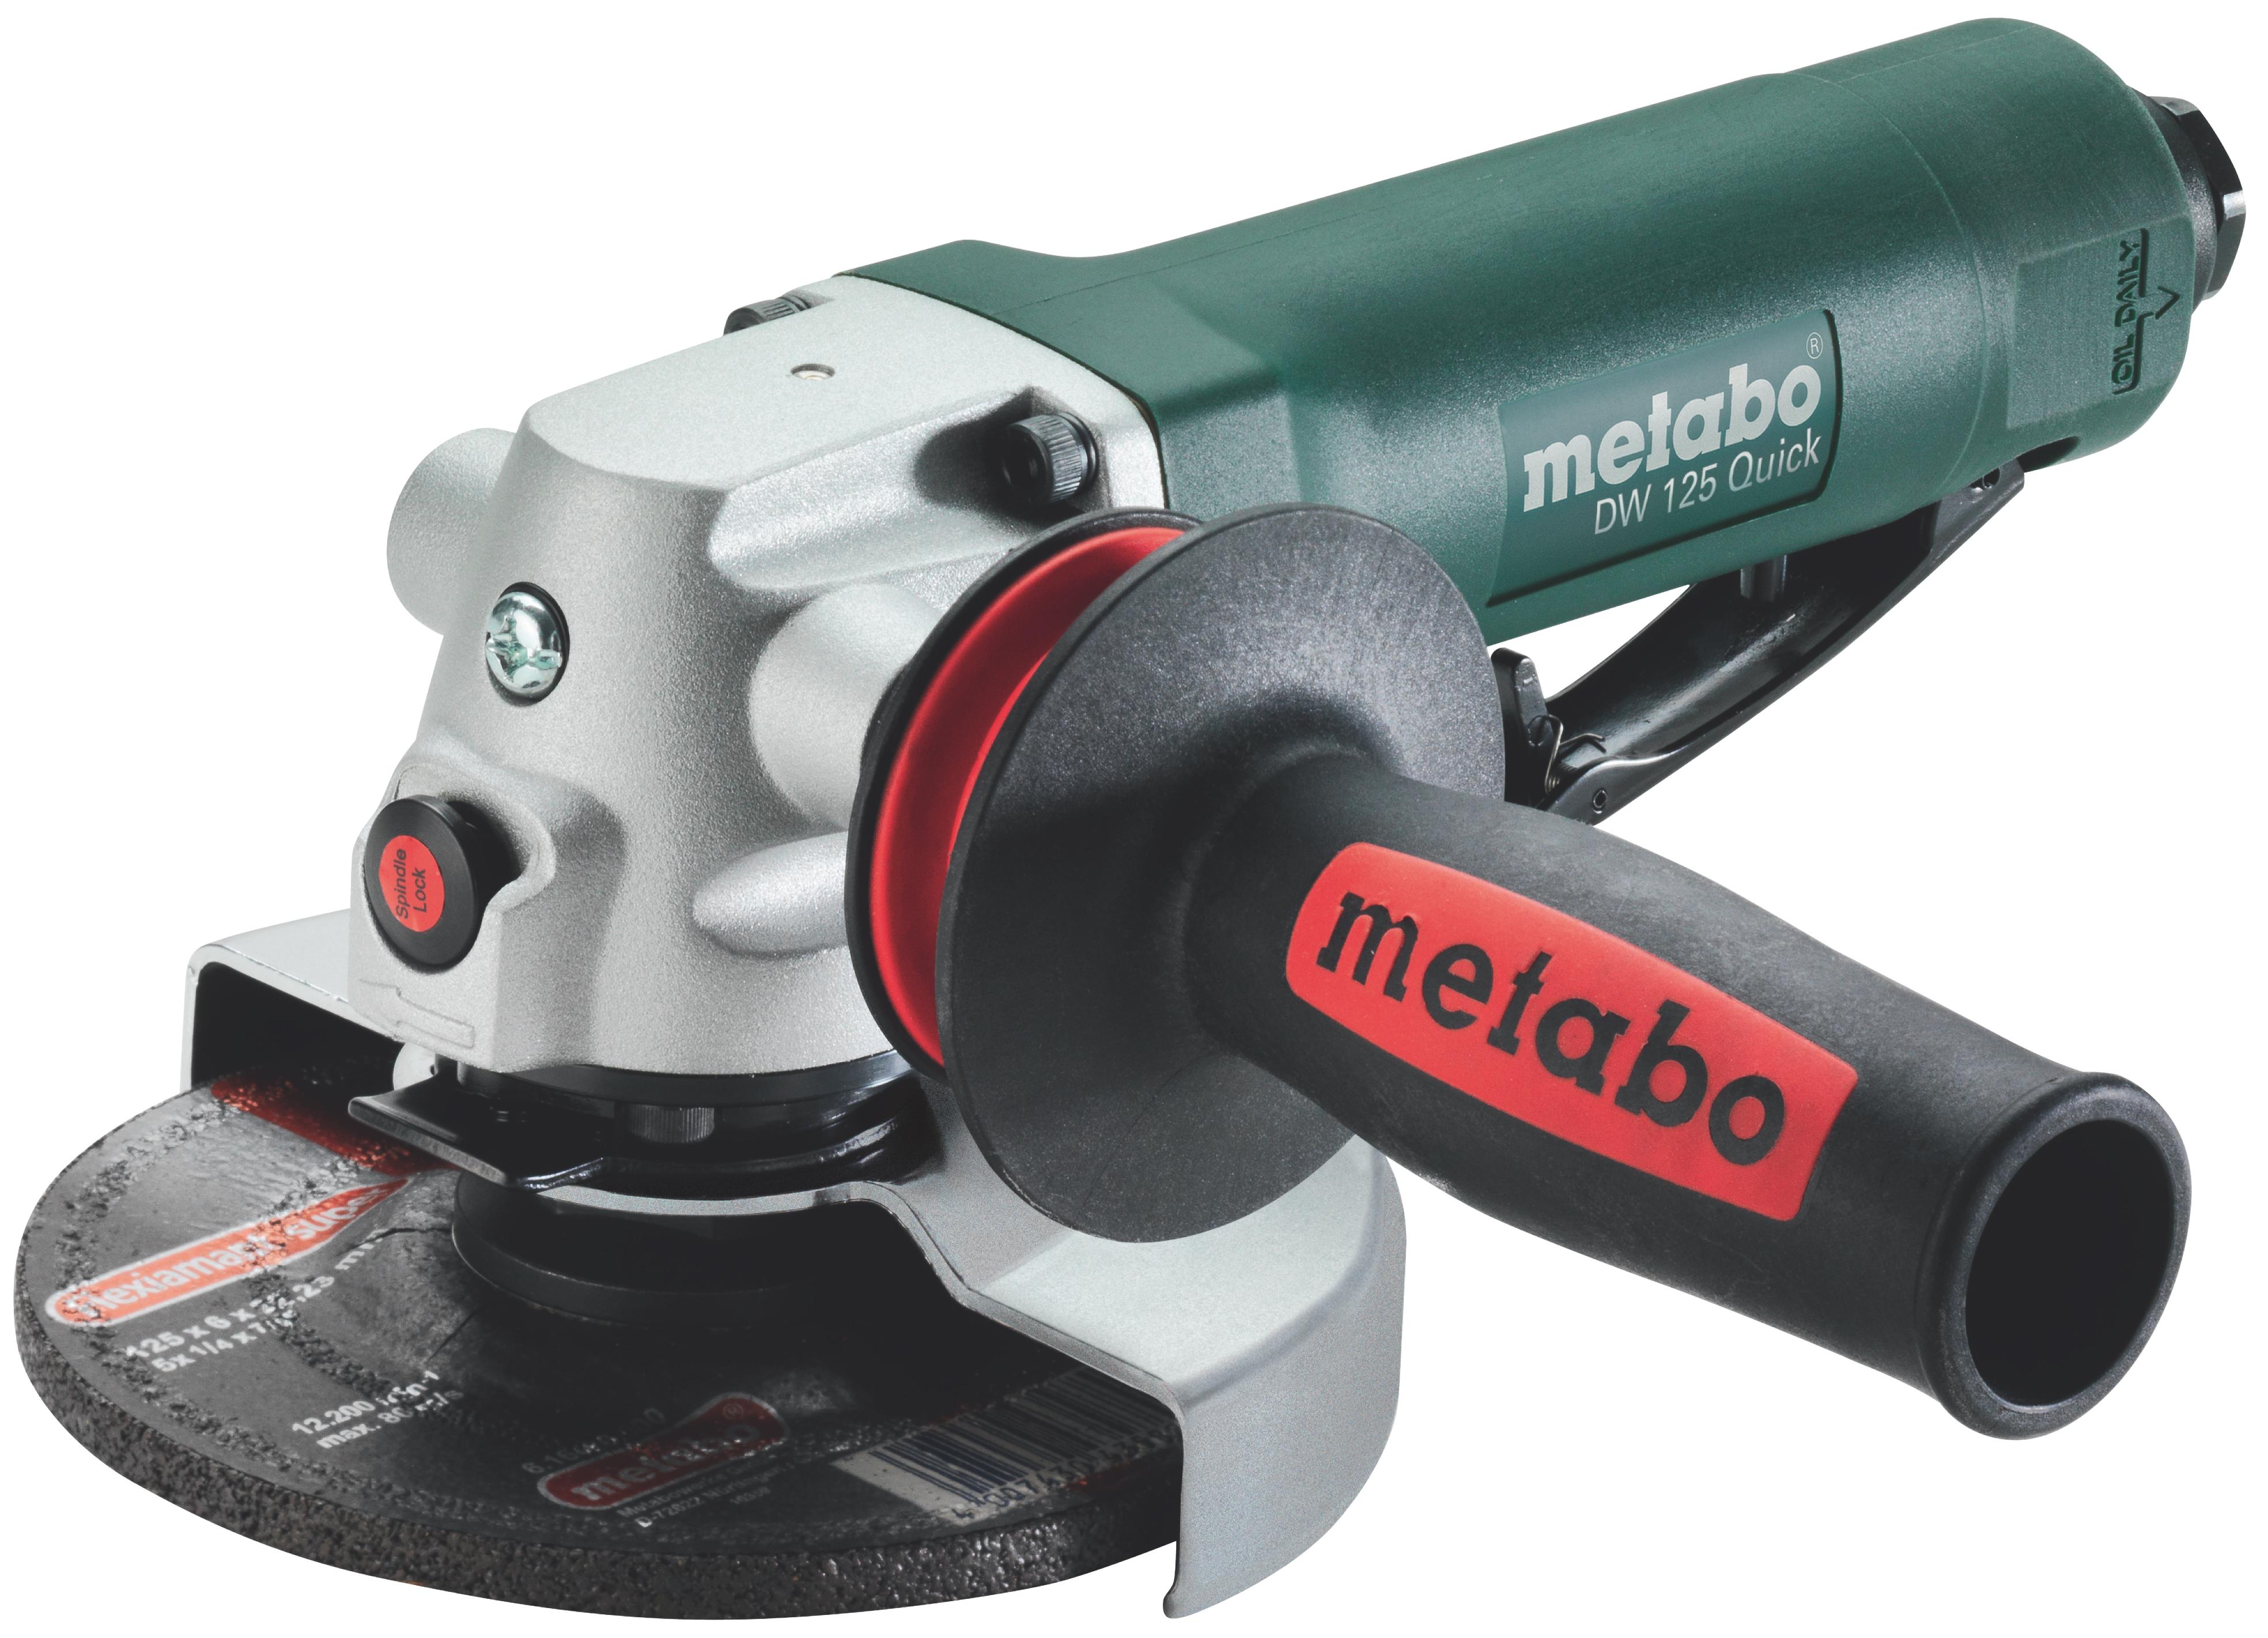 Машина углошлифовальная пневматическая Metabo Dw125quick